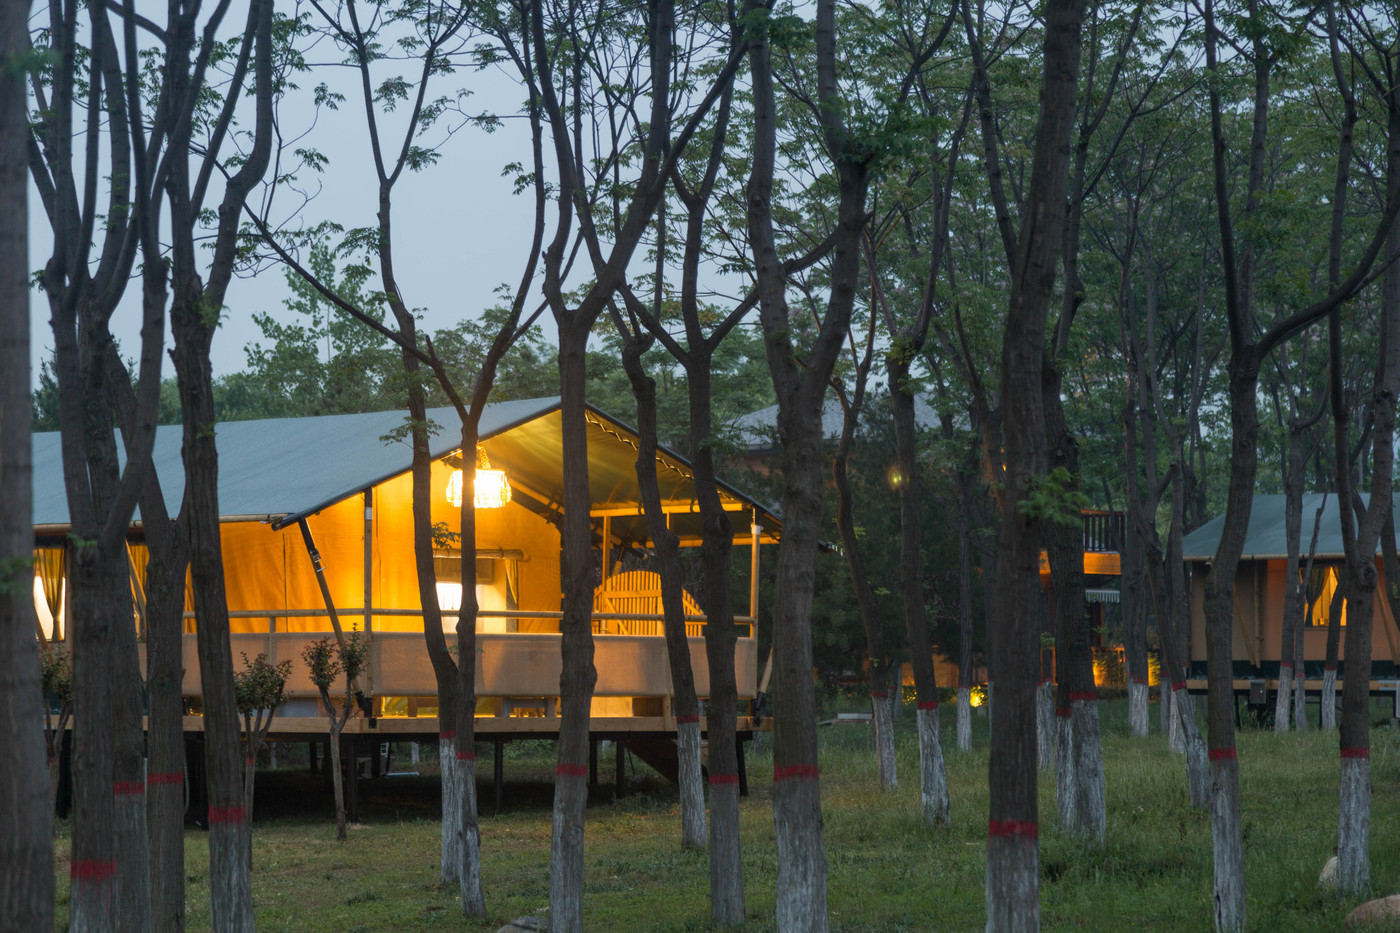 喜马拉雅野奢帐篷酒店—华山自驾游露营地(54平)13